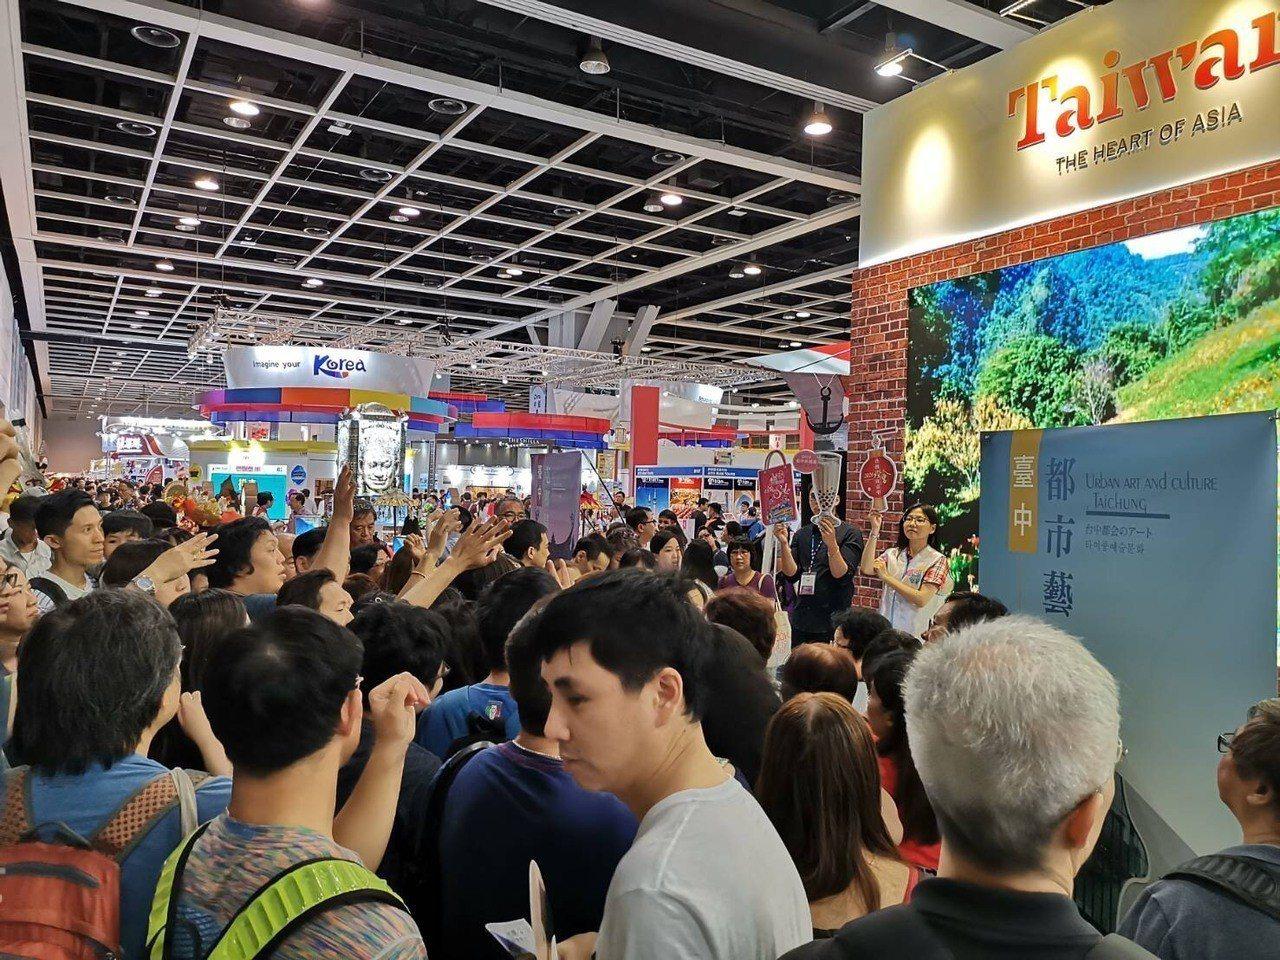 台中市政府到香港旅展推廣台中觀光,攤位熱絡。圖/台中市政府提供